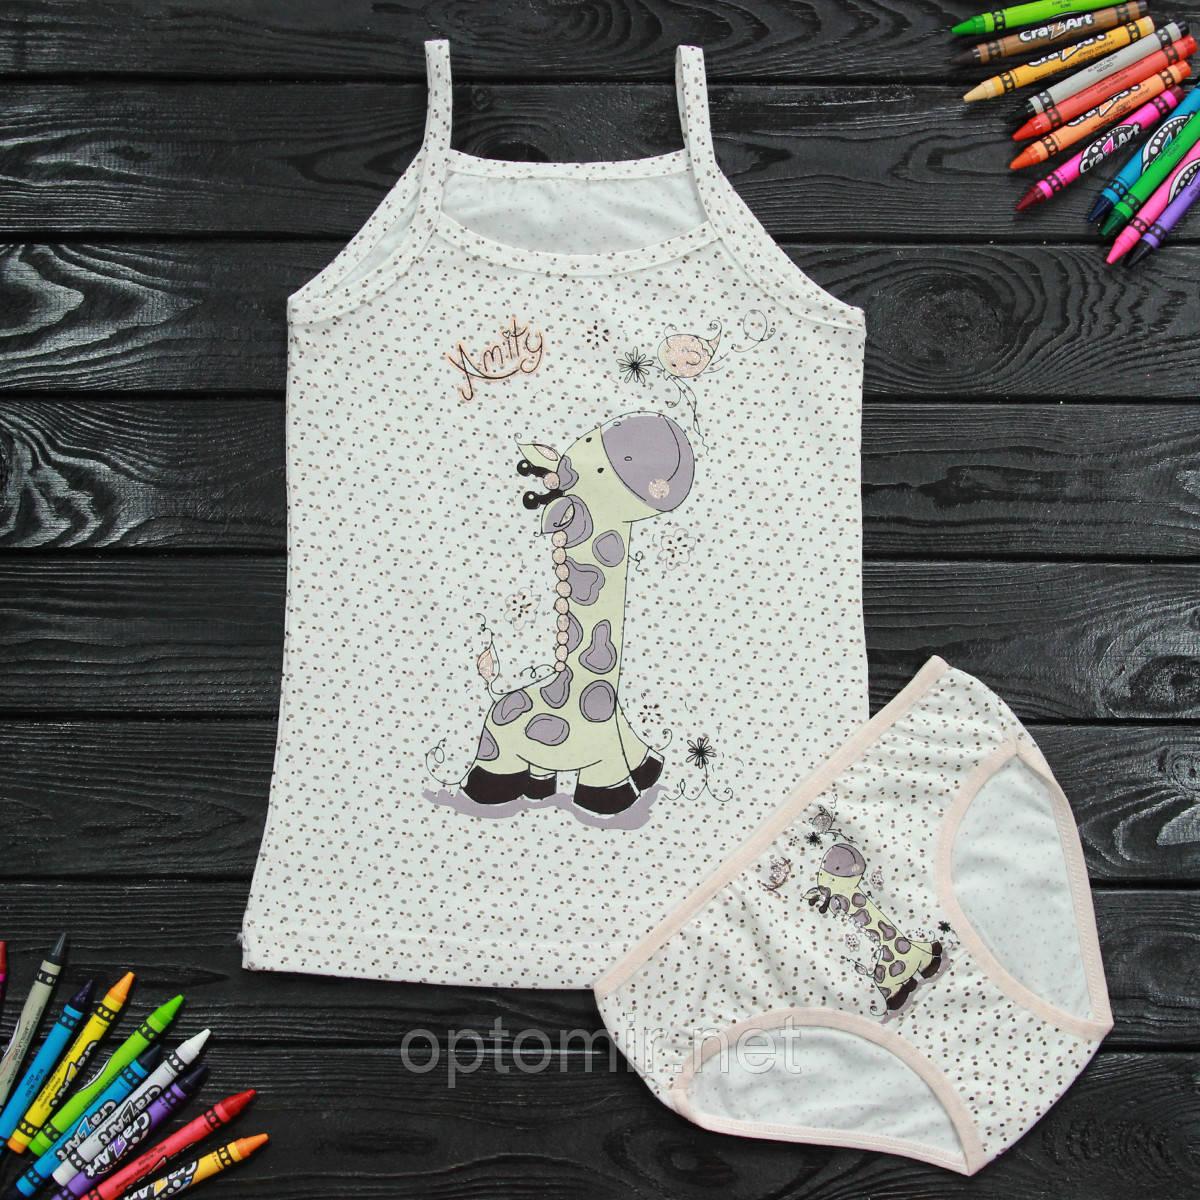 c0de94d7bee87 Комплект детский Donella с жирафом бежевый для девочки на 2/3 года | 1 шт